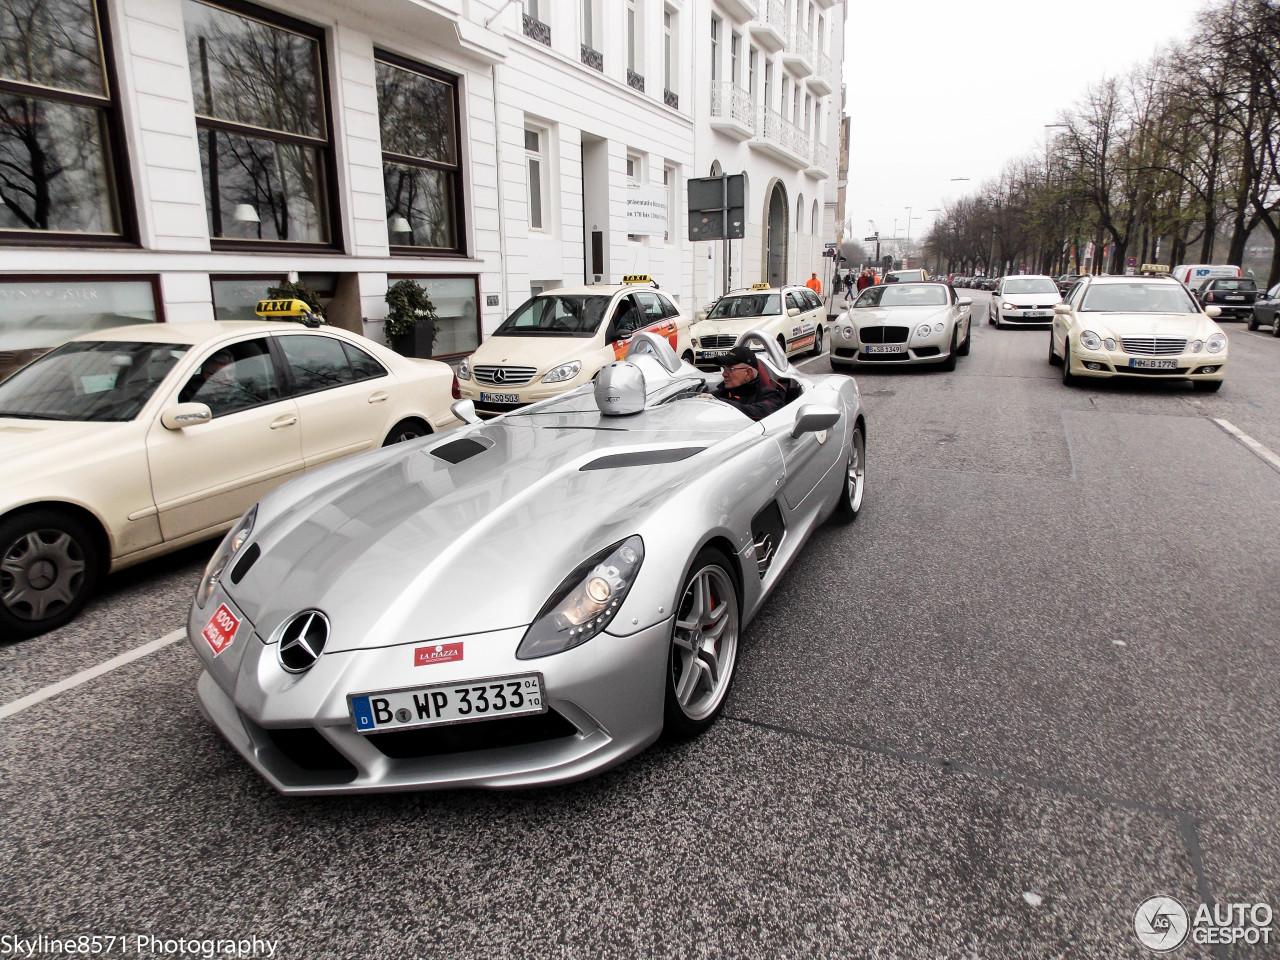 Mercedes benz slr mclaren stirling moss 26 april 2013 for Moss mercedes benz